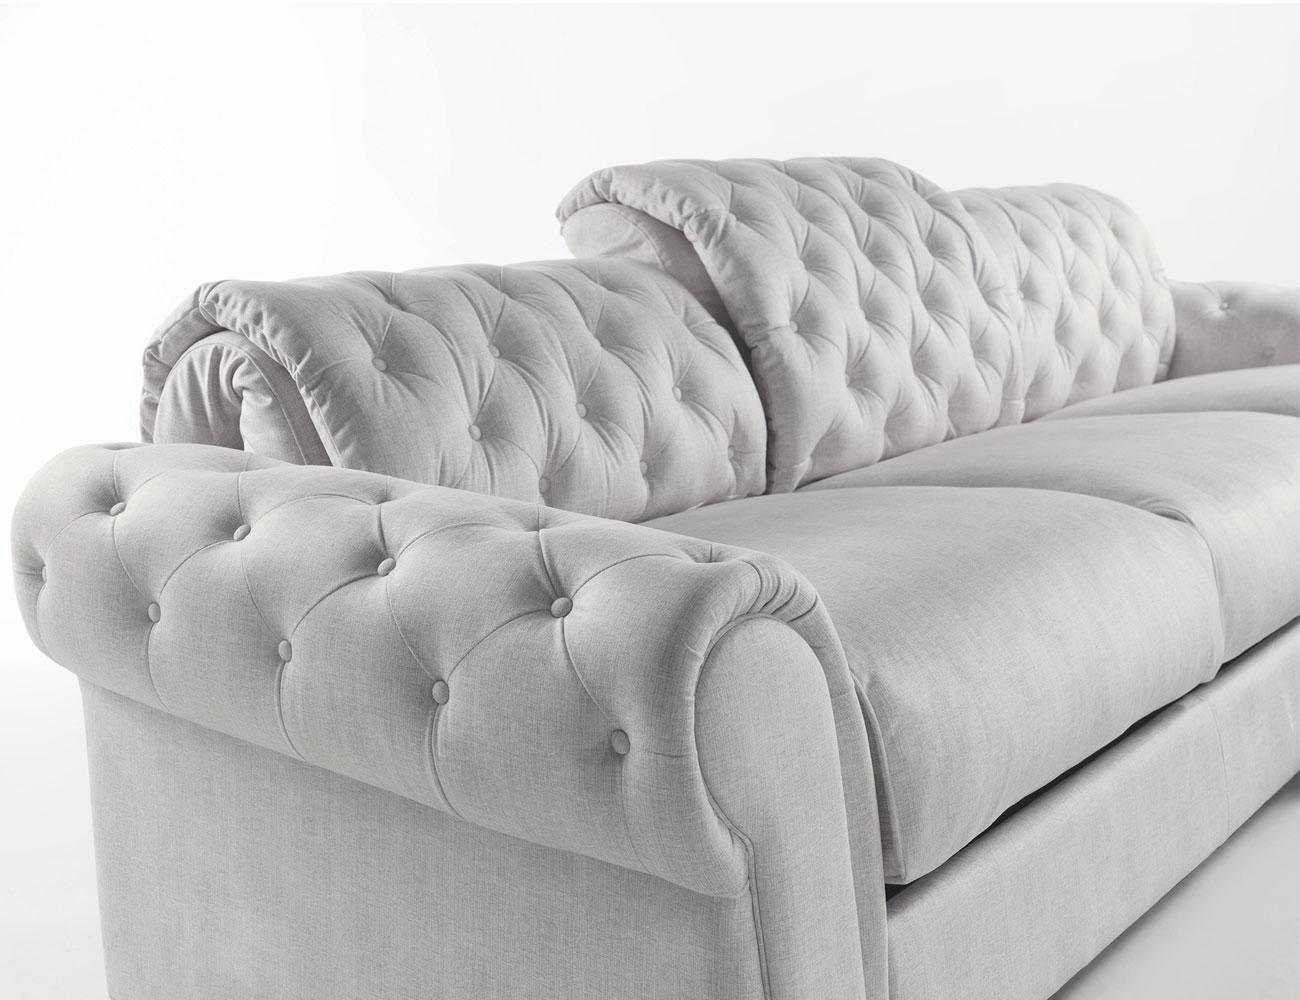 Sofa chaiselongue gran lujo decorativo capitone blanco tela 11